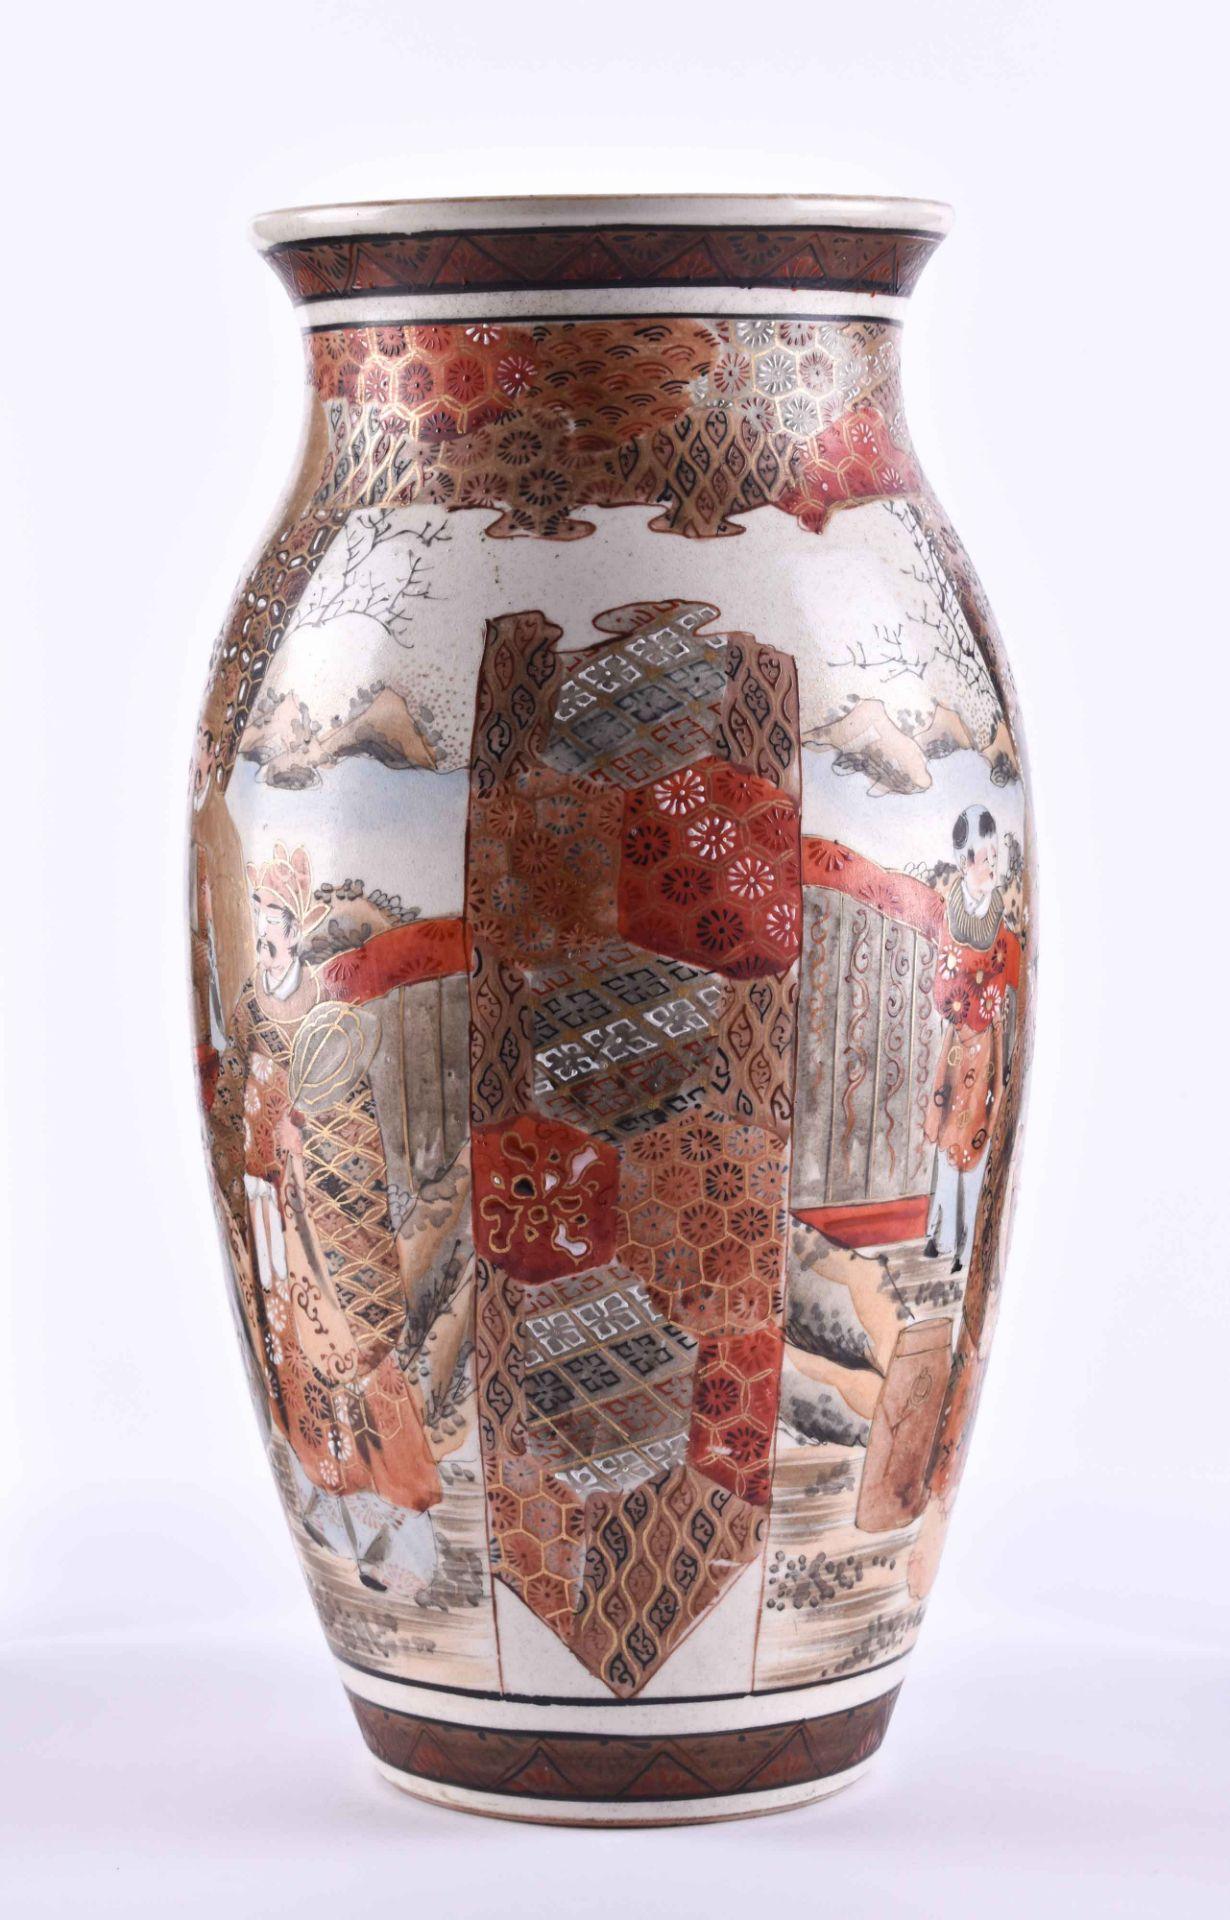 Satsuma vase Japan Meiji period - Image 2 of 6